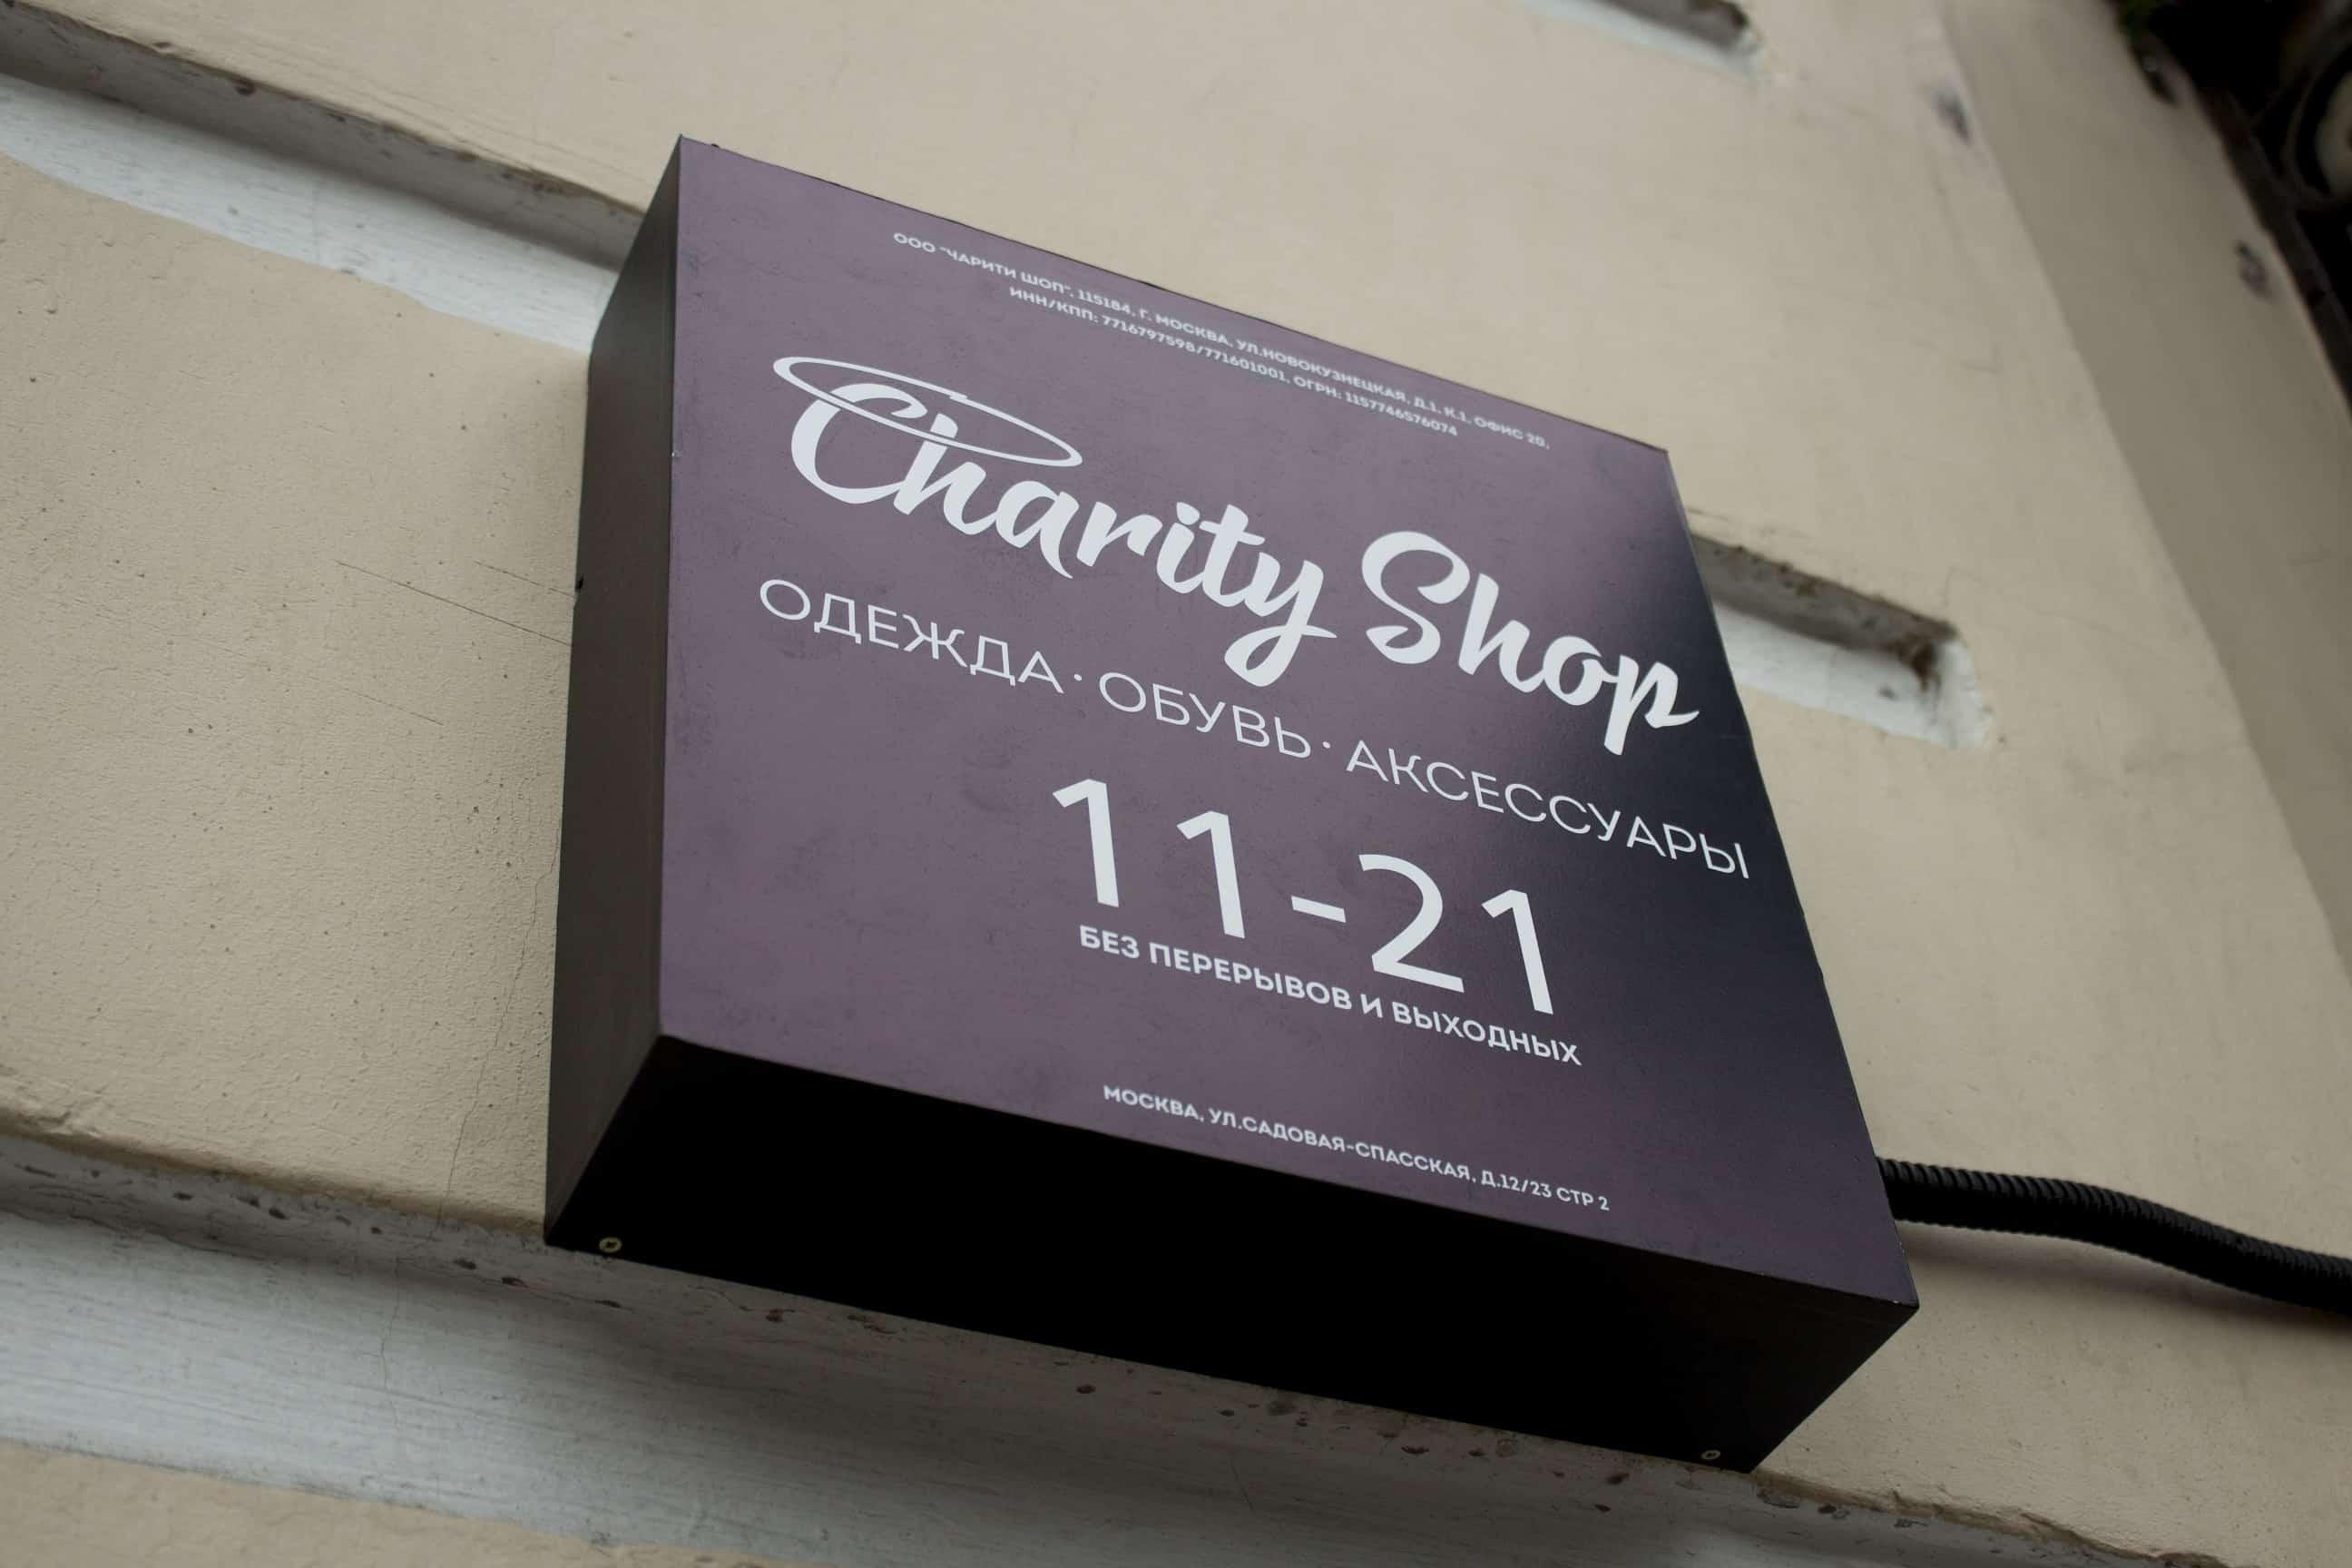 Charity Shop/Фото: Наталья Силакова charity shop Интервью с основательницей проекта «Charity shop» Дарьей Алексеевой IMG 6402